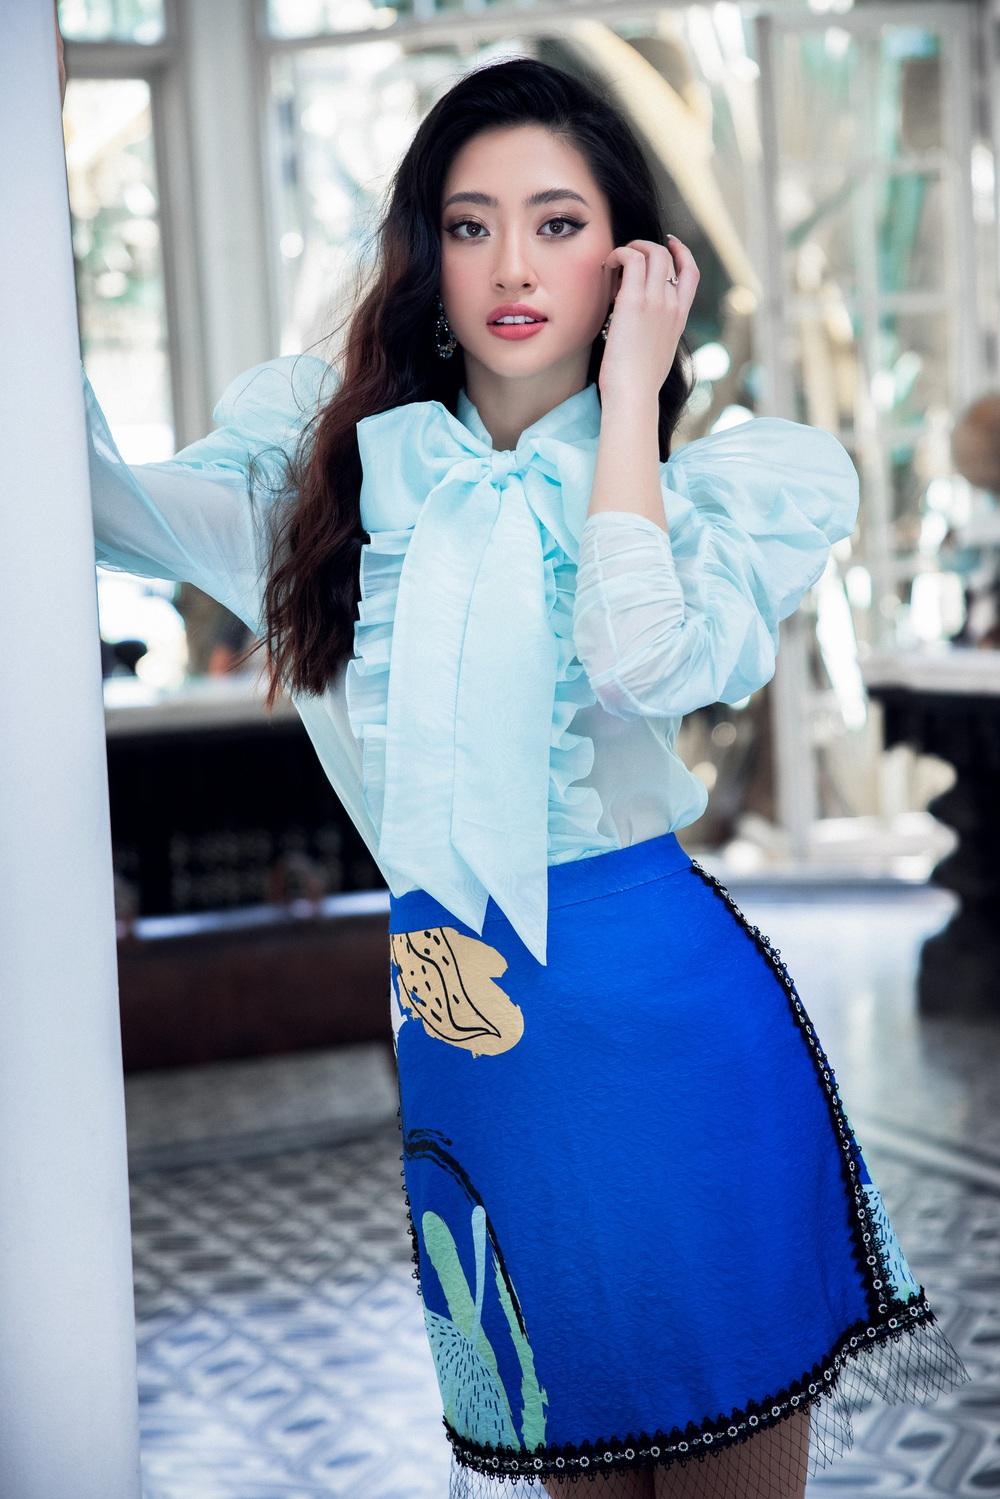 Hoa hậu Đỗ Thị Hà khác lạ với tóc mái ngang - Ảnh 6.